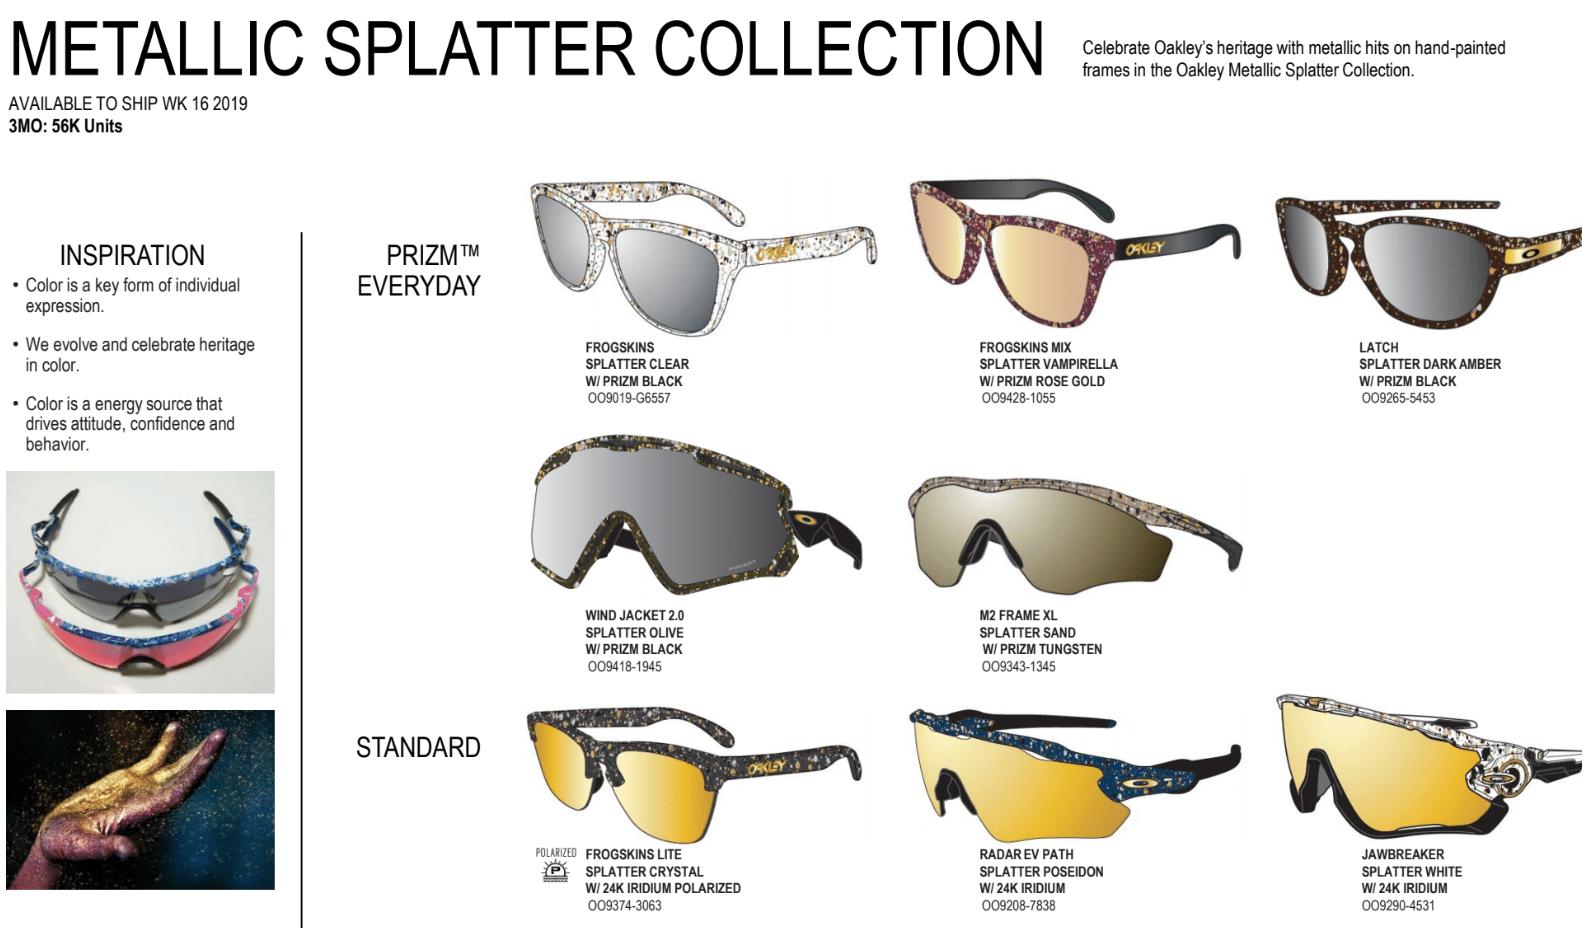 Oakley Metallic Splatter Collection 2019 - Screen Shot 2019-04-09 at 6.18.19 AM.png